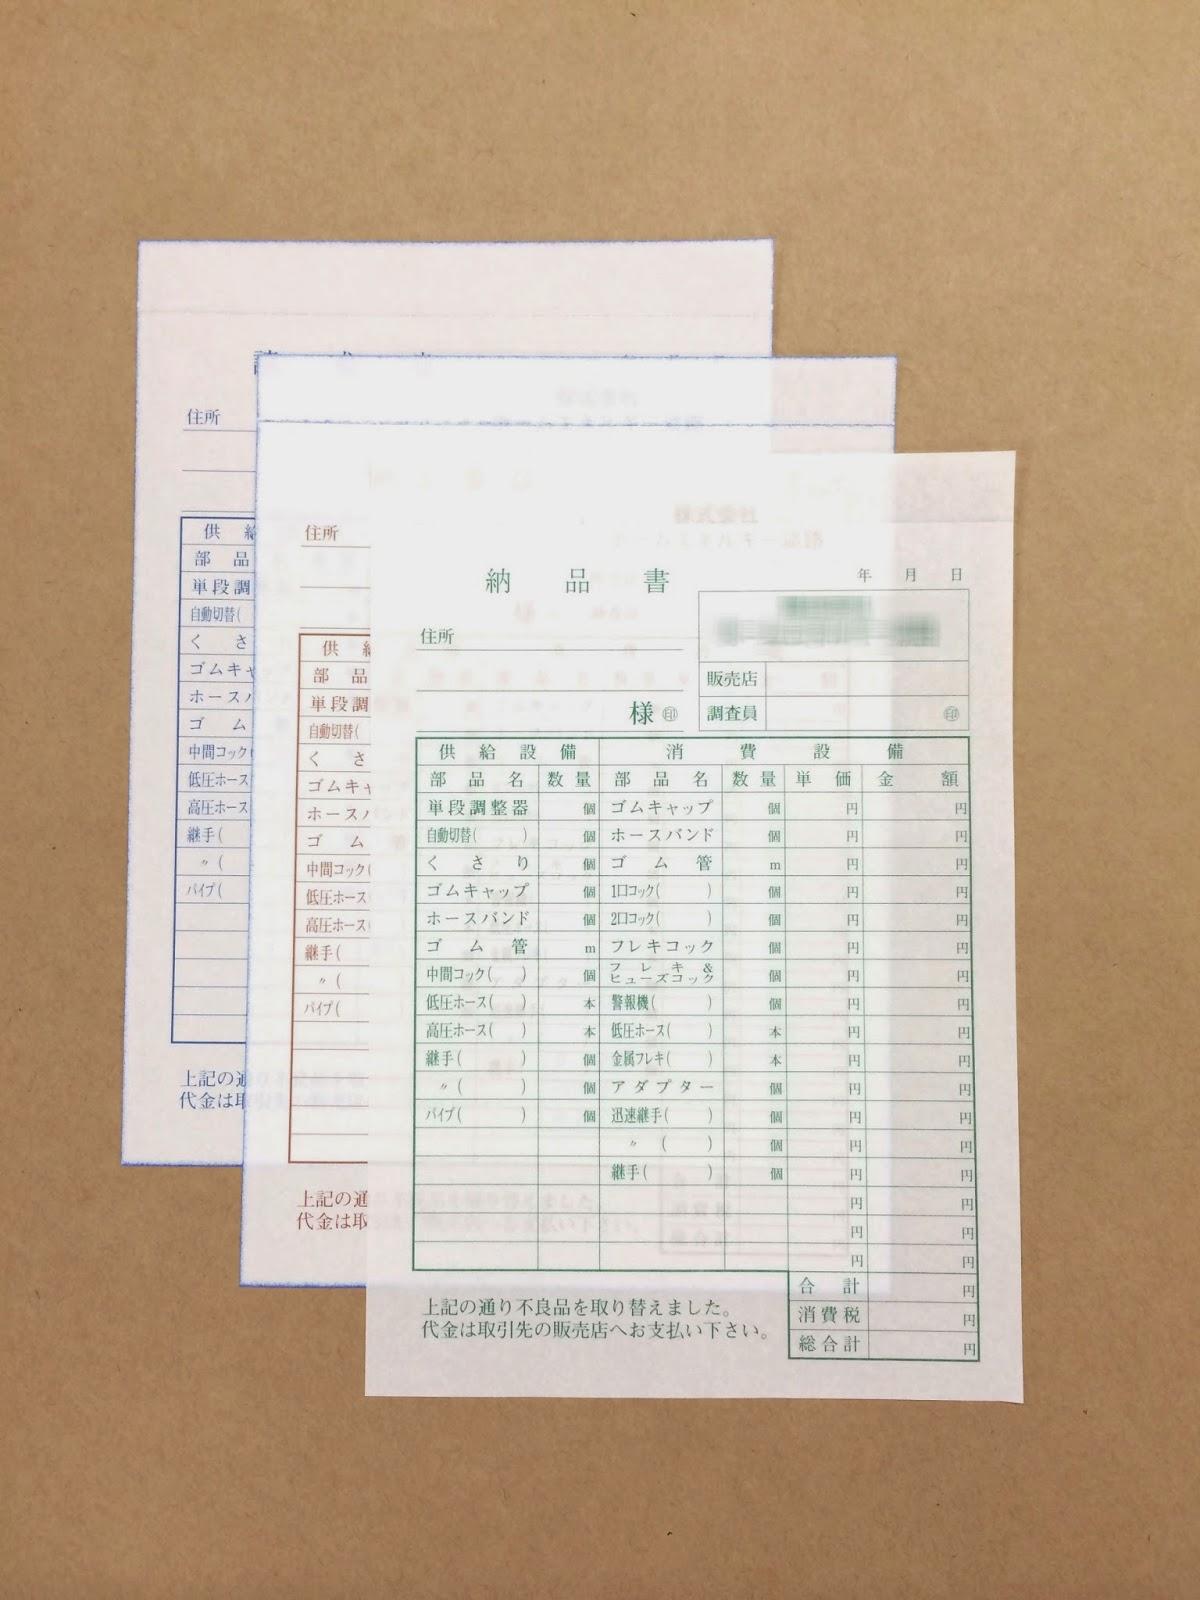 3枚複写、ガス設備業向け「納品書」